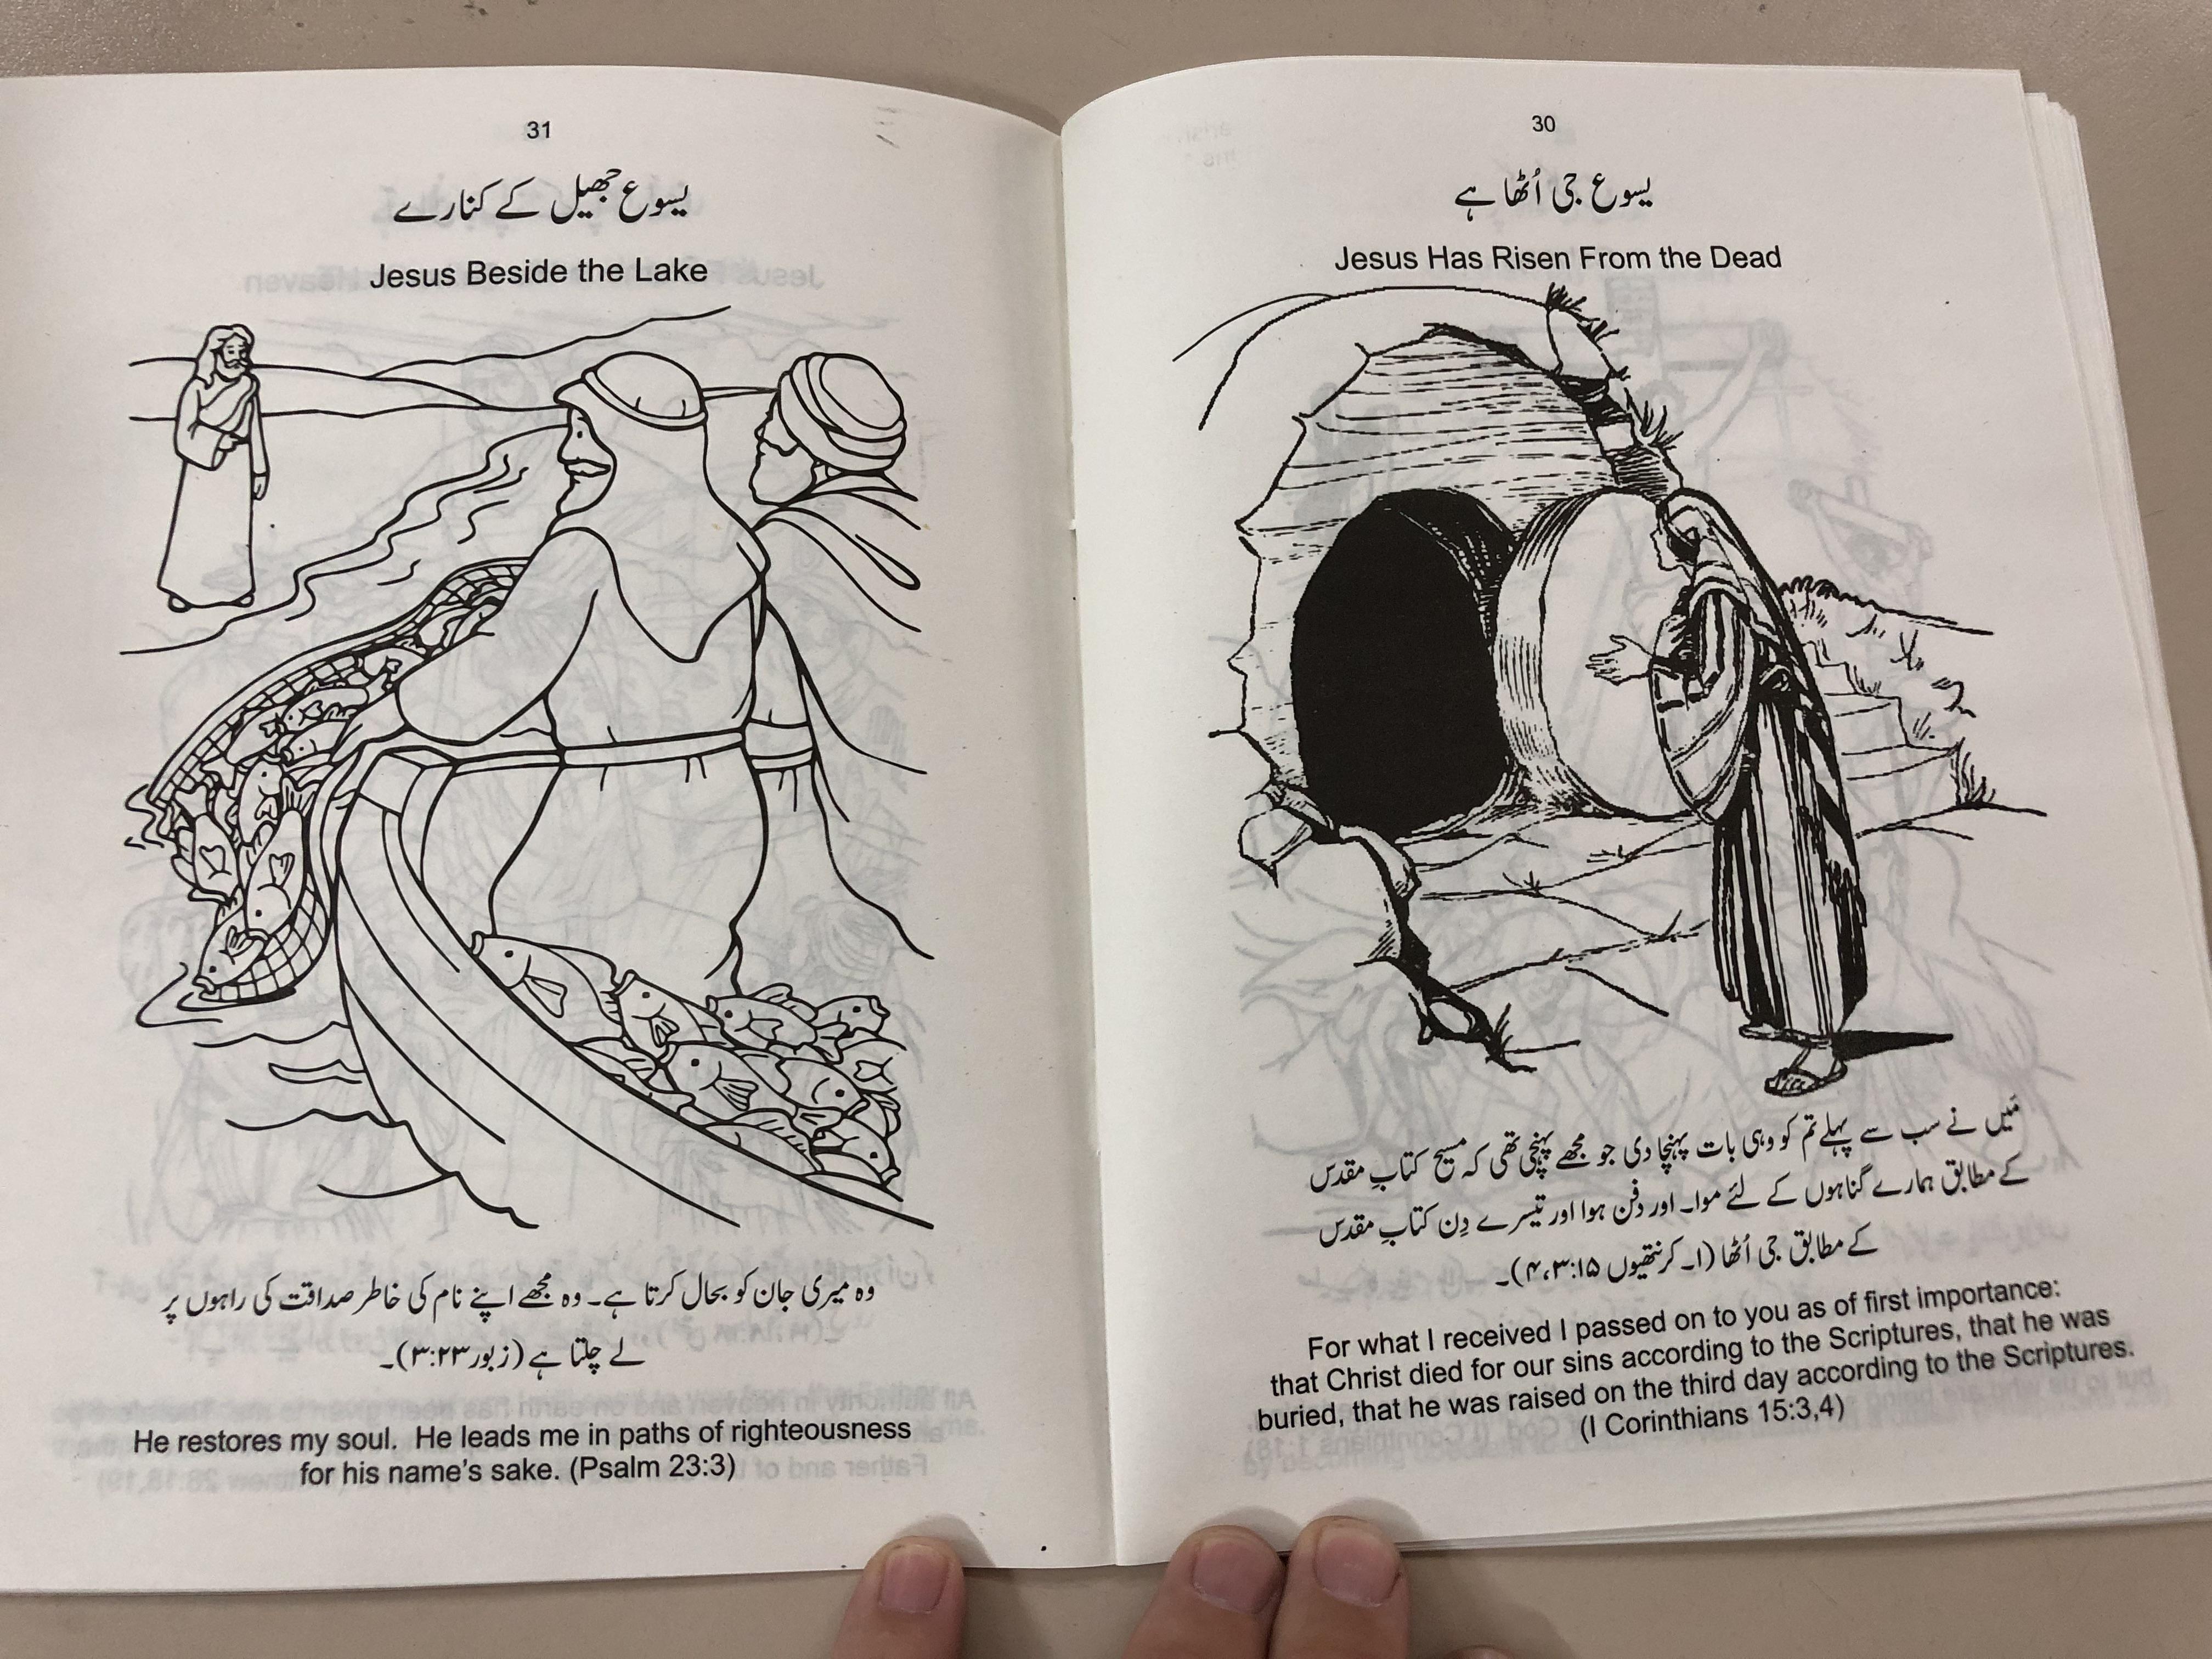 urdu-edition-of-the-children-s-bible-by-anne-de-vries-kleutervertelboek-voor-de-bijbelse-geschiedenis-paperback-2018-7-.jpg